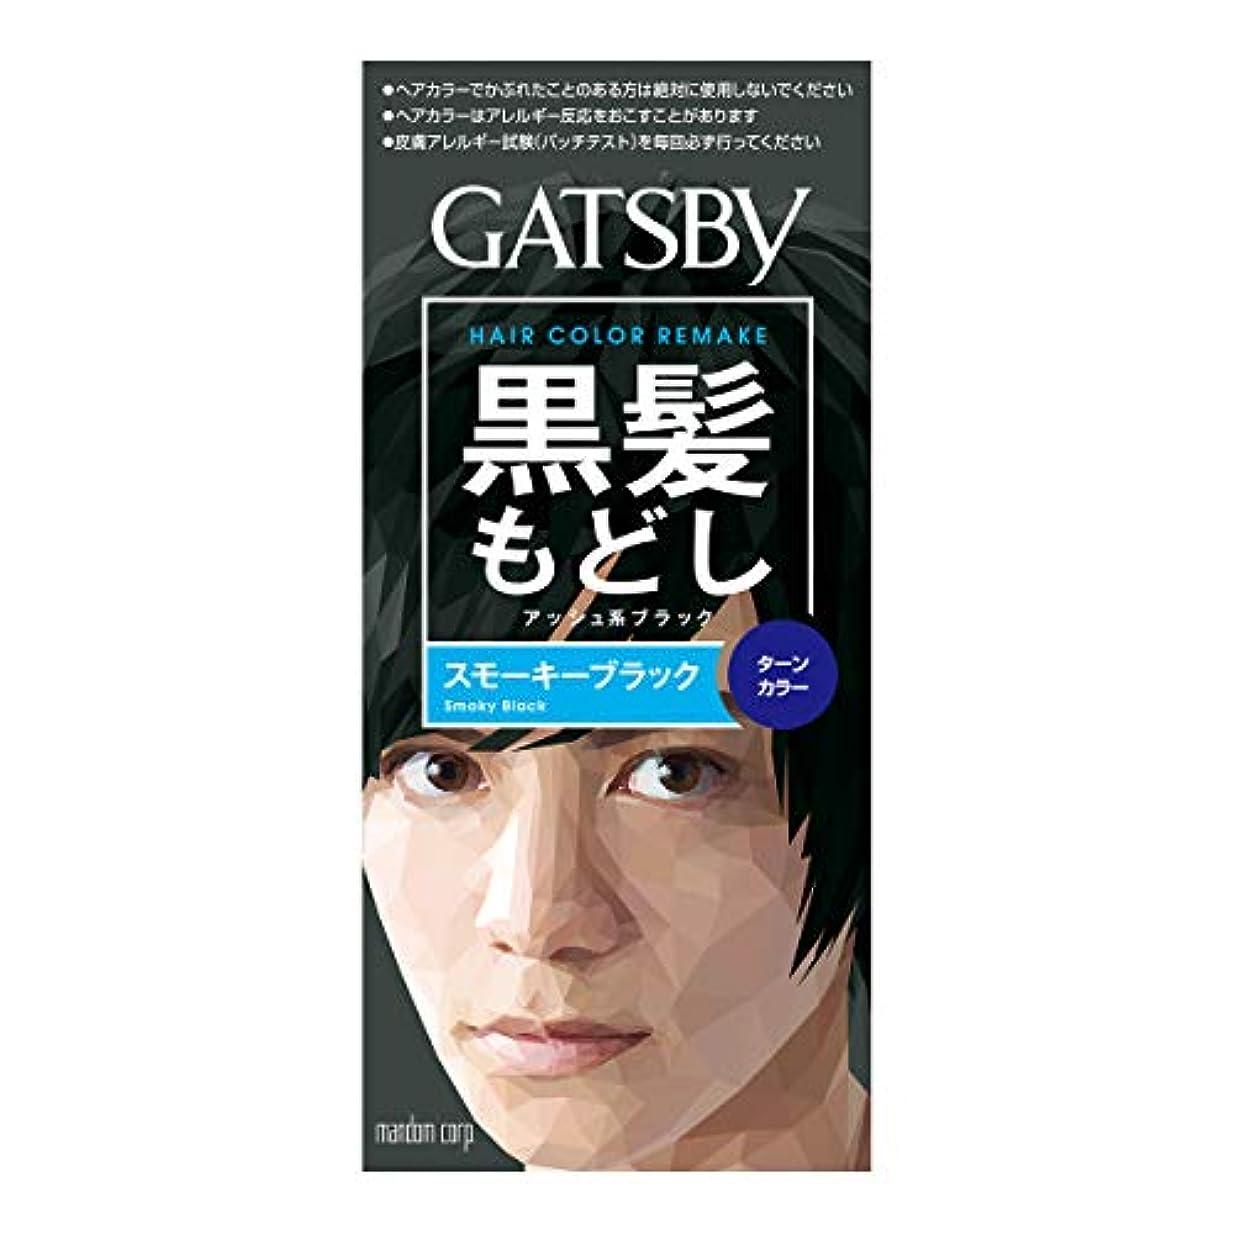 まっすぐ供給魔術ギャツビー ターンカラー スモーキーブラック【HTRC5.1】